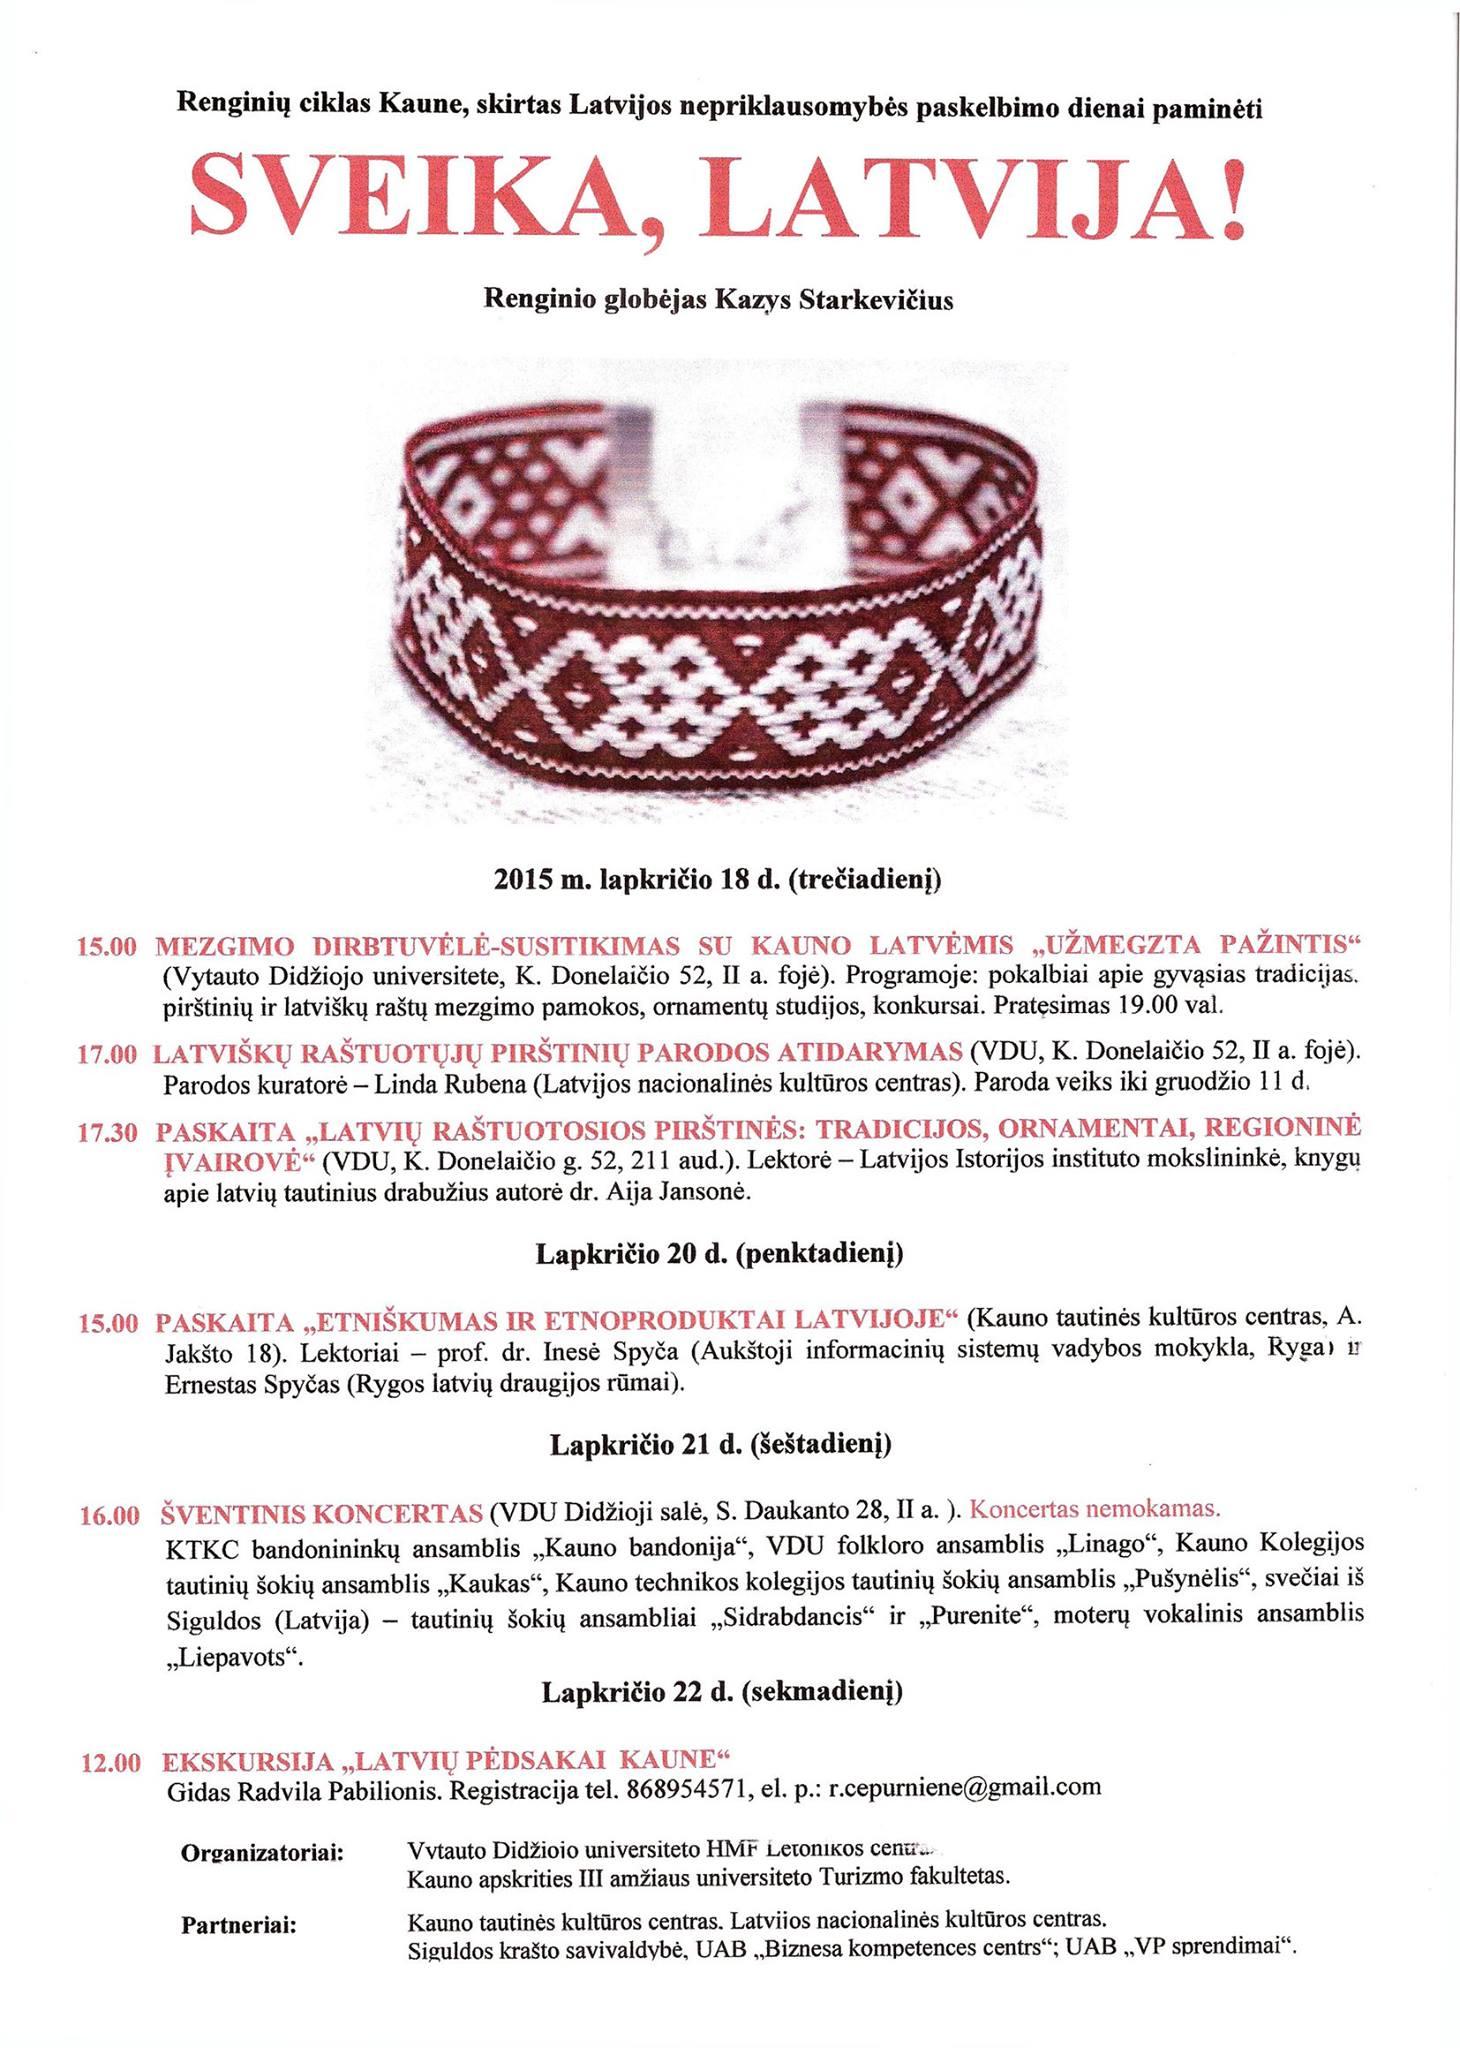 latvijos-nepriklausomybes-dienai-skirti-renginiai-vdu